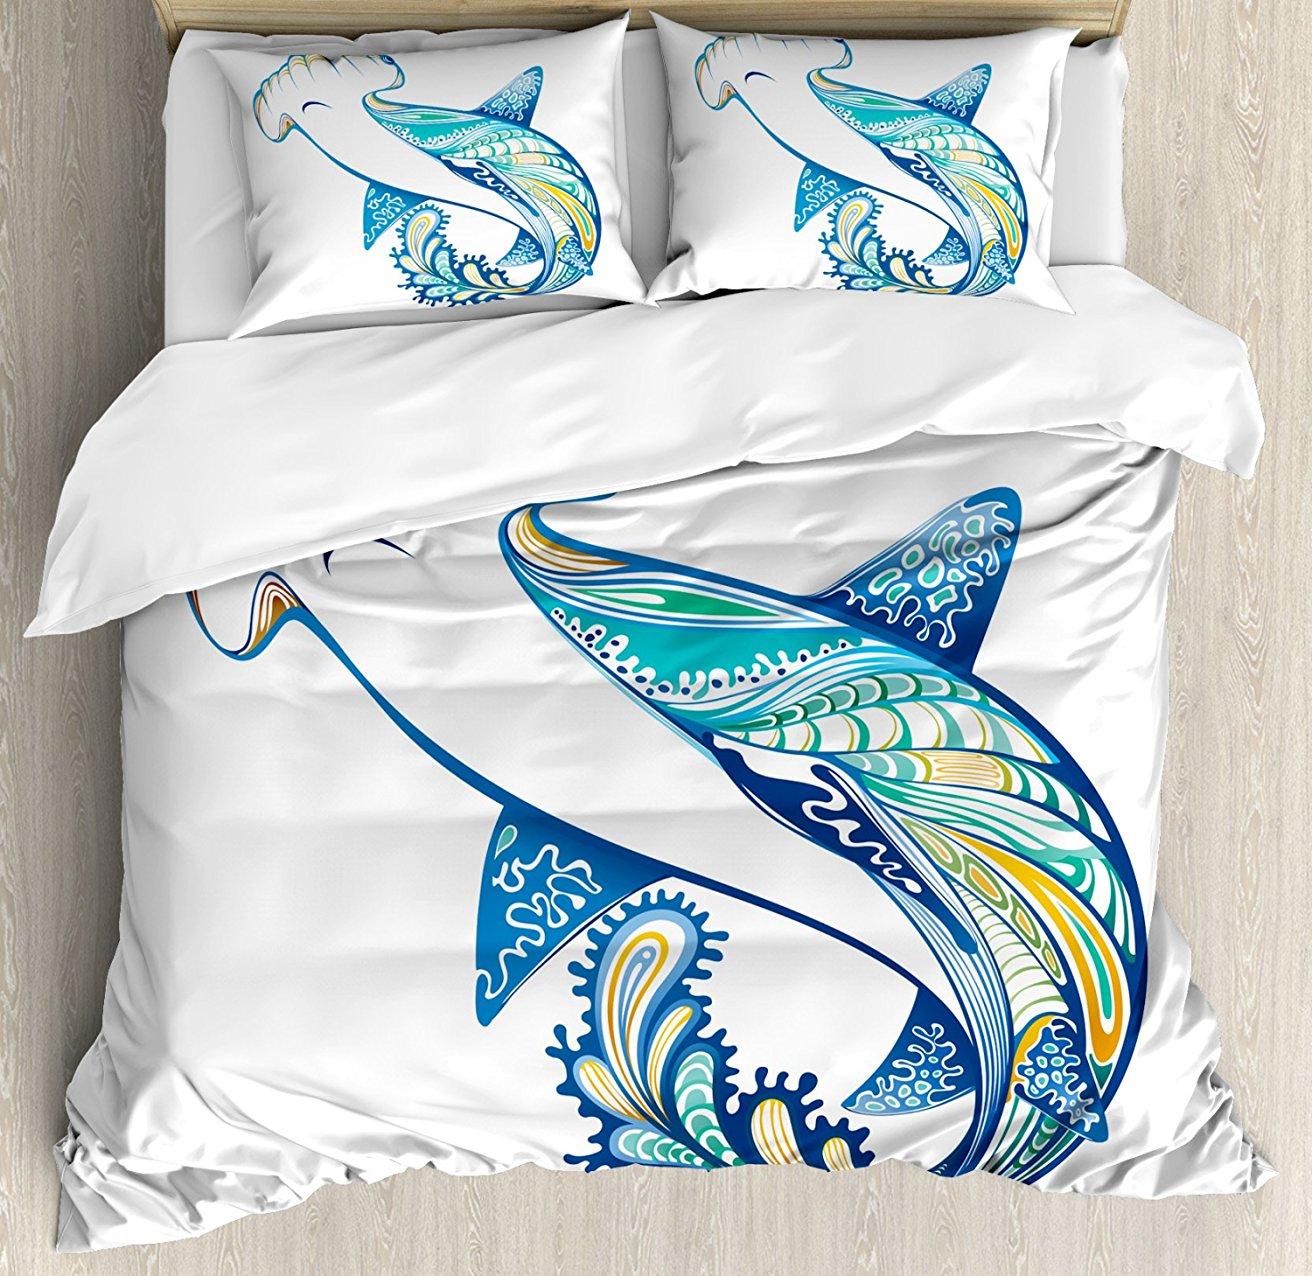 Résumé décor à la maison housse de couette ensemble, tête de marteau requin orné sous-marin mer océan vie animaux thème marin Image